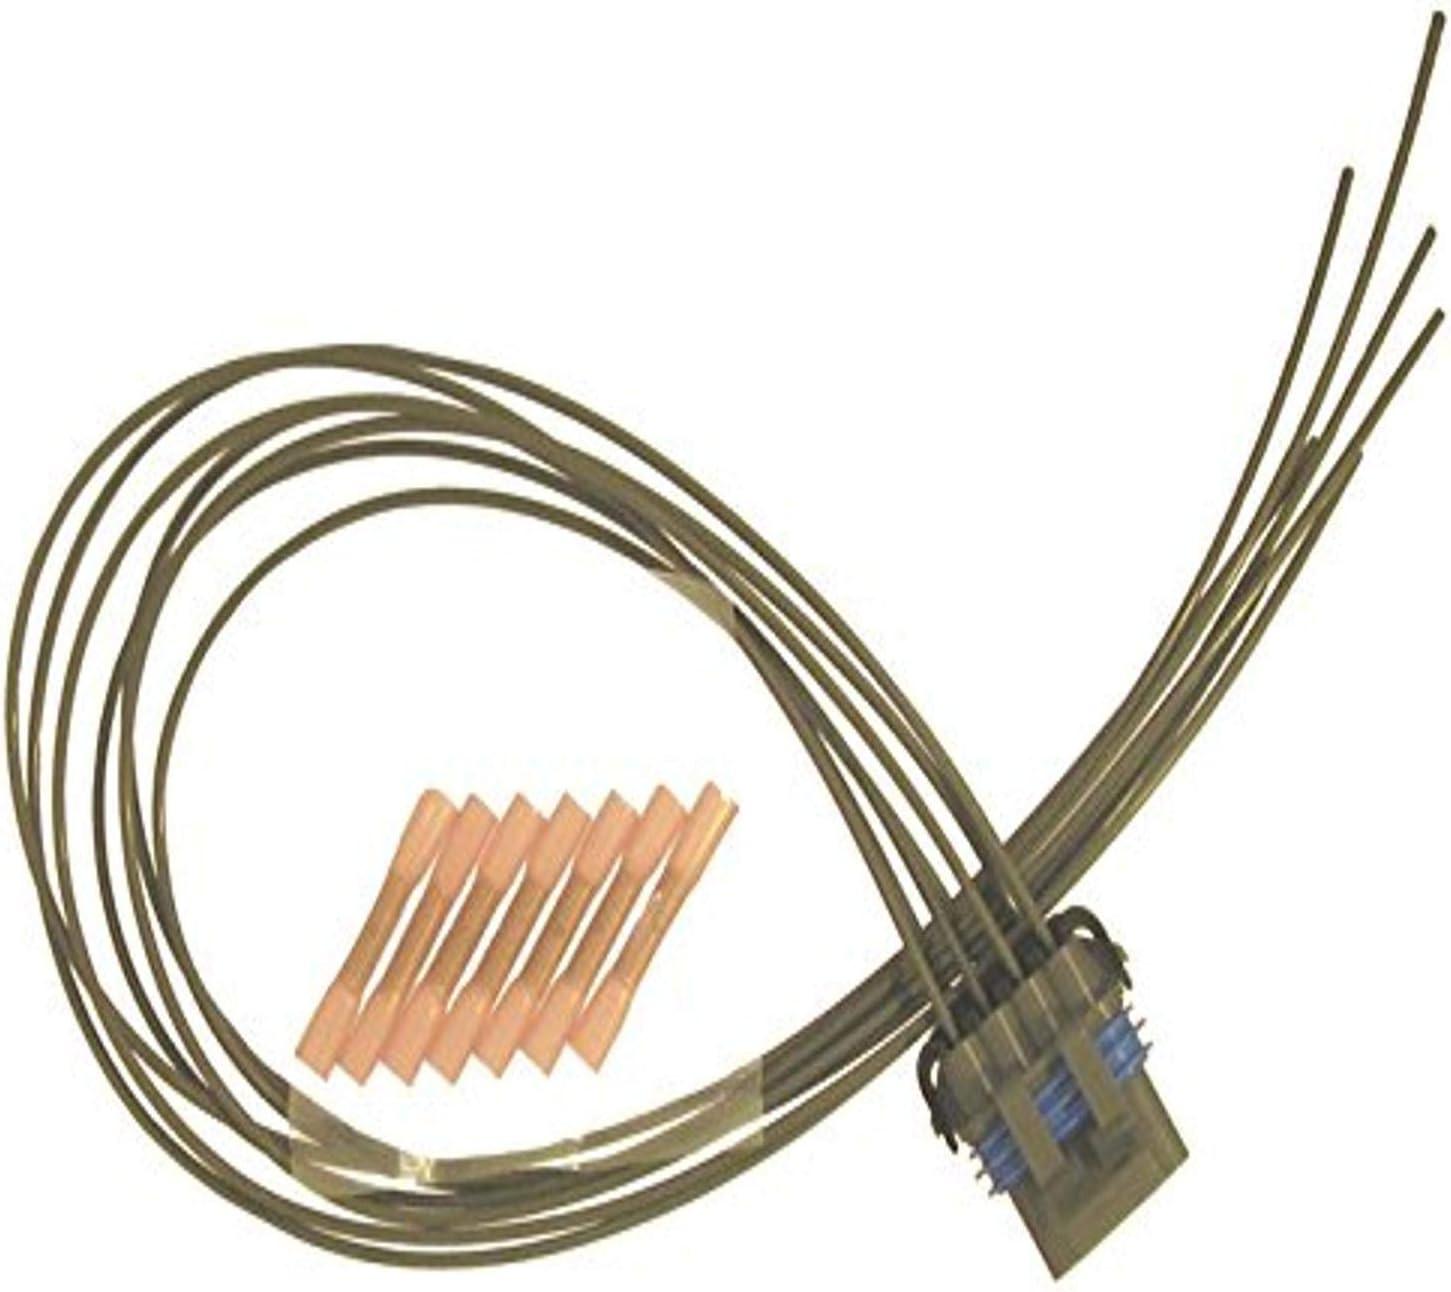 amazon.com: transmission parts direct (15305887) wire harness repair kit,  park/neutral switch 4l60e/4l65e (1995-up): automotive  amazon.com